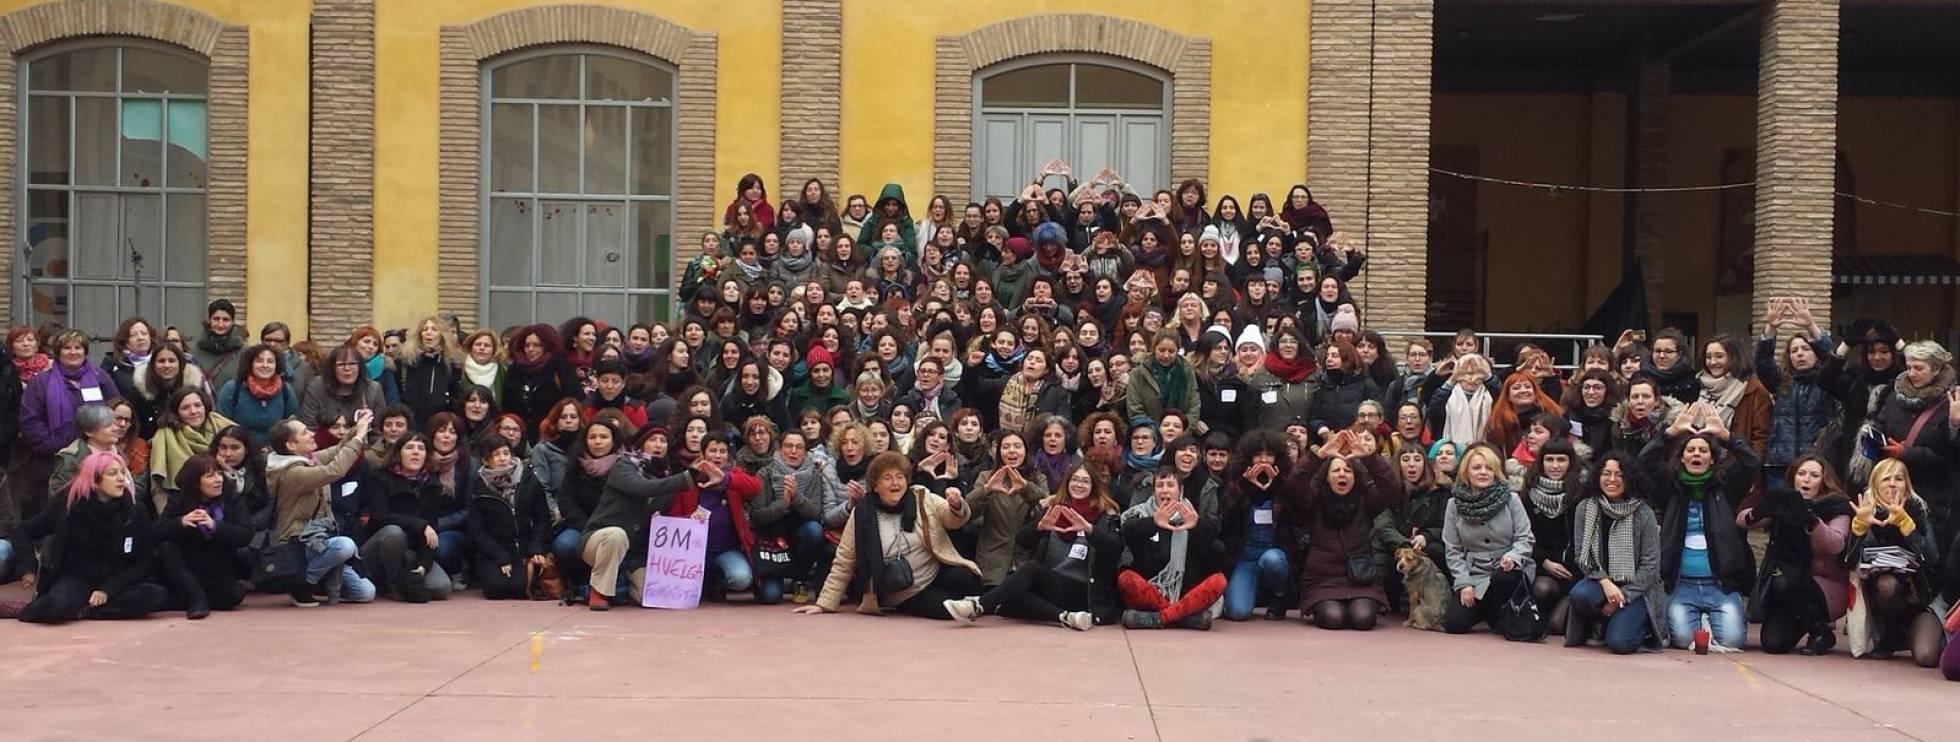 """El movimiento feminista quiere """"parar el mundo"""" el 8 de marzo"""